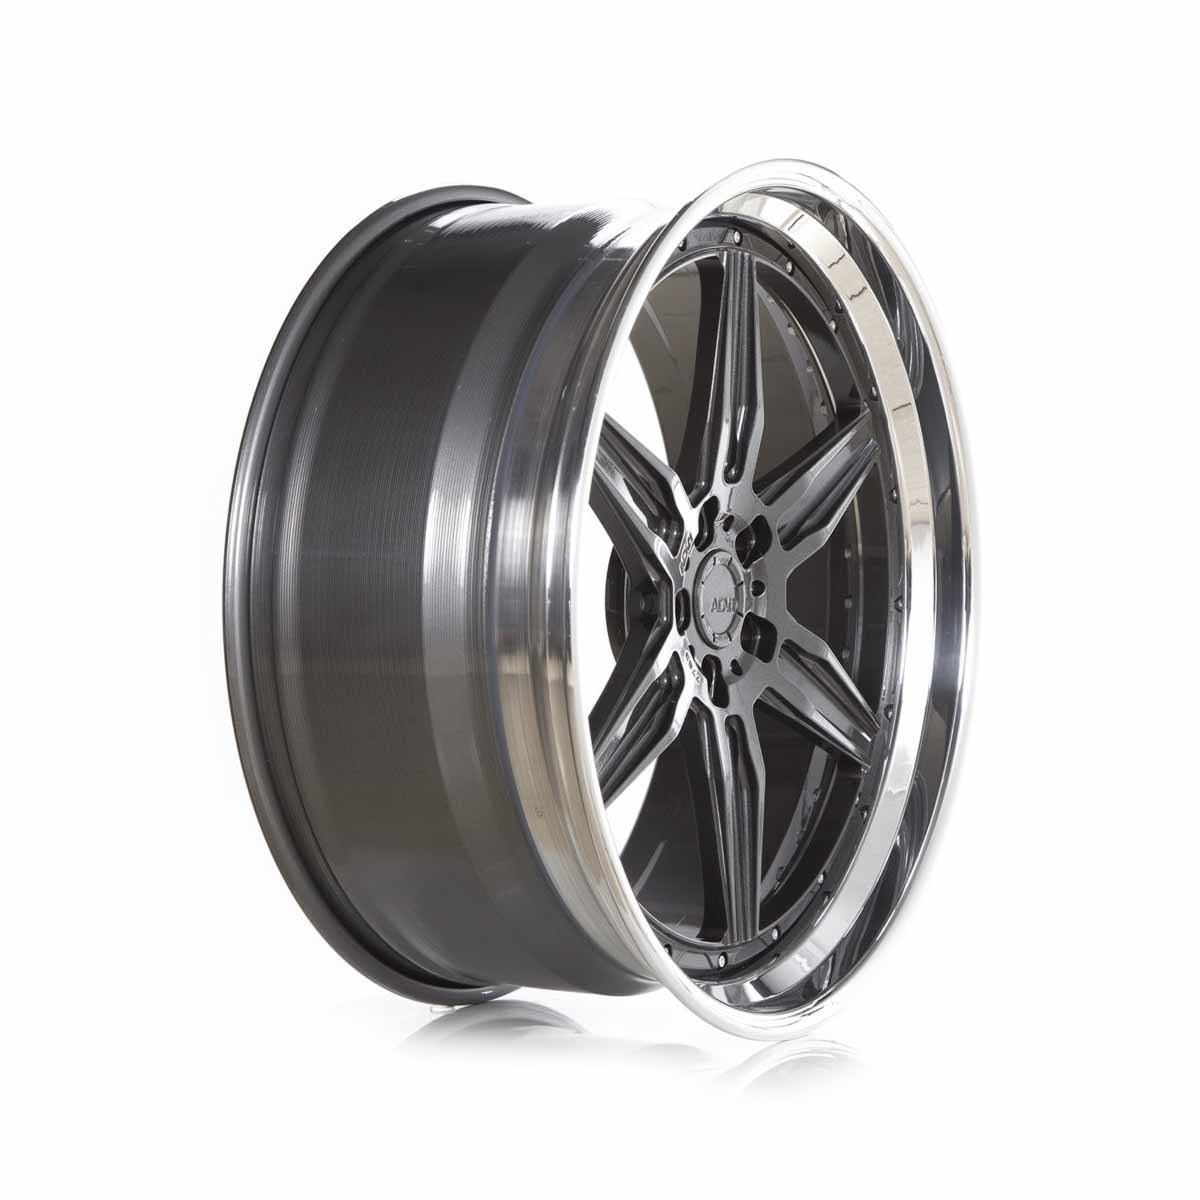 ADV.1 ADV6 Track Function (CS Series) forged wheels